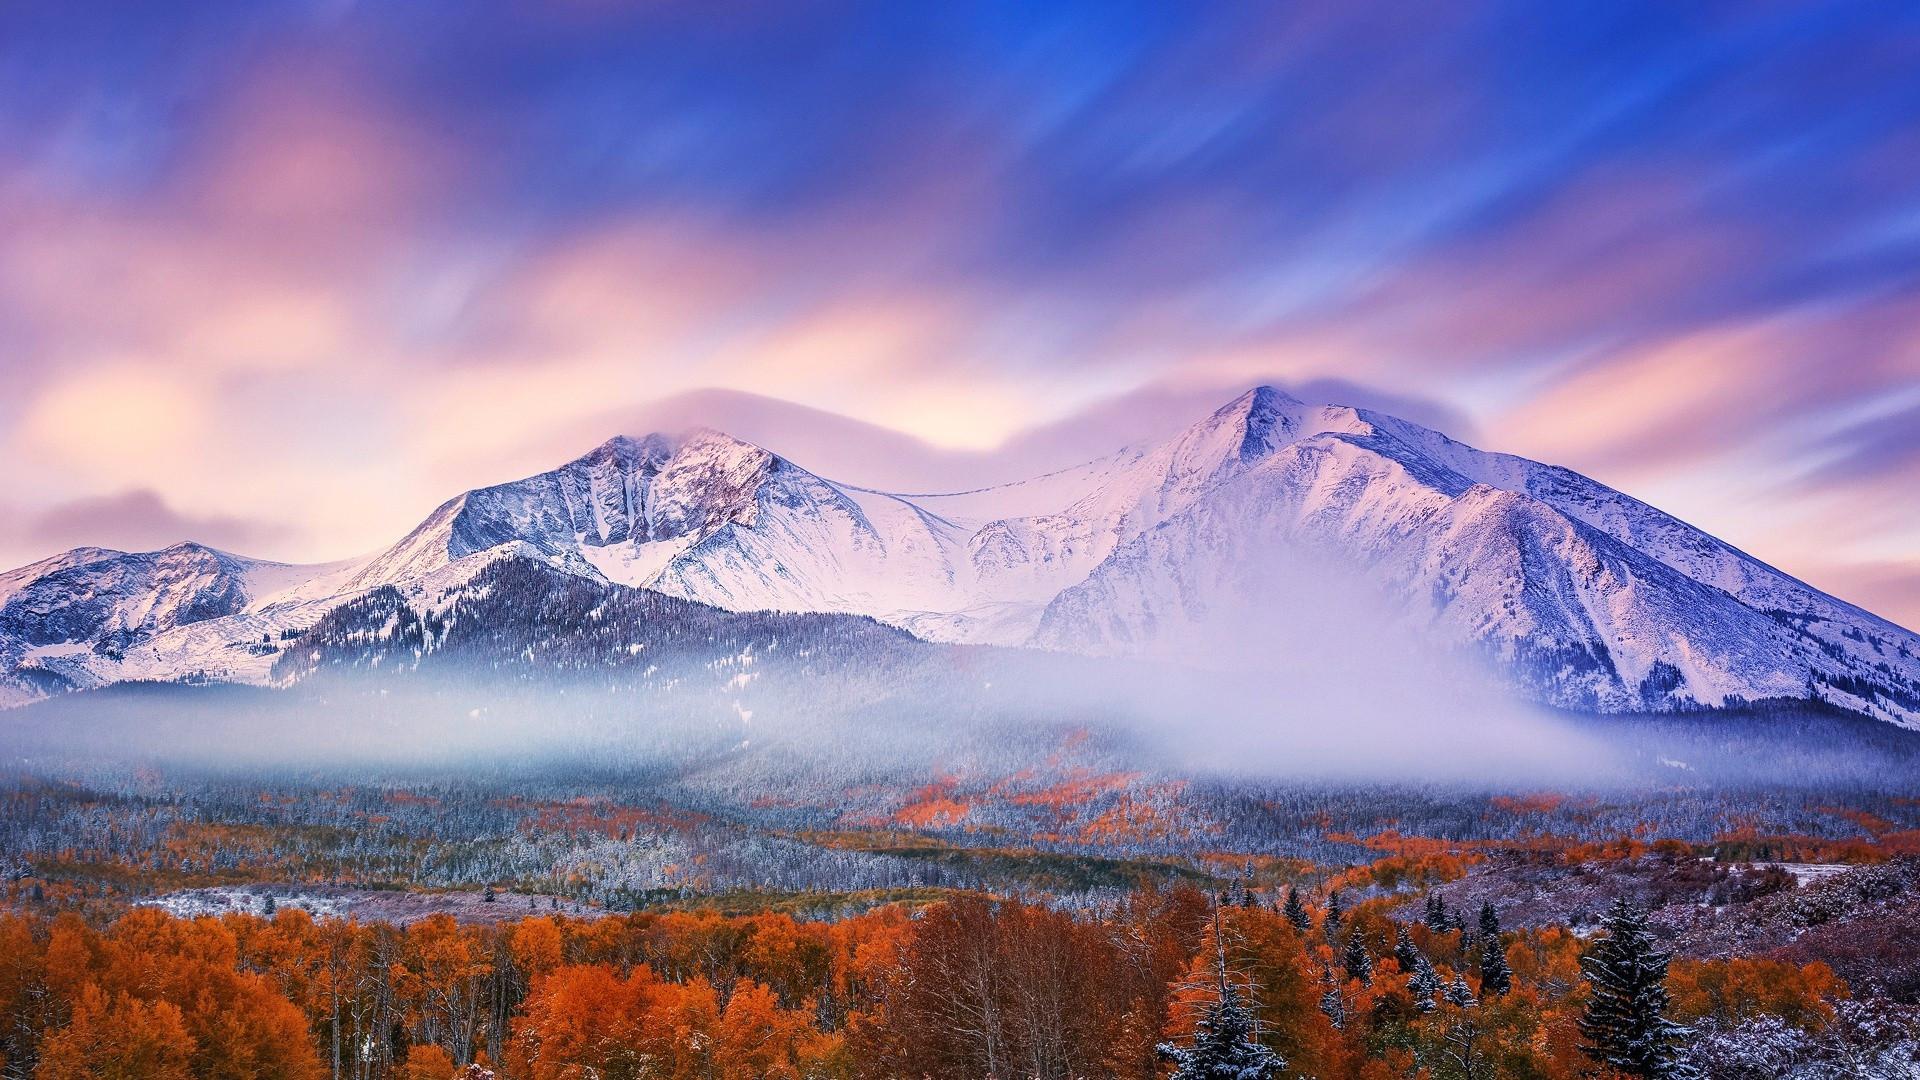 壯麗高山風景唯美高清桌面壁紙_圖片新聞_東方頭條